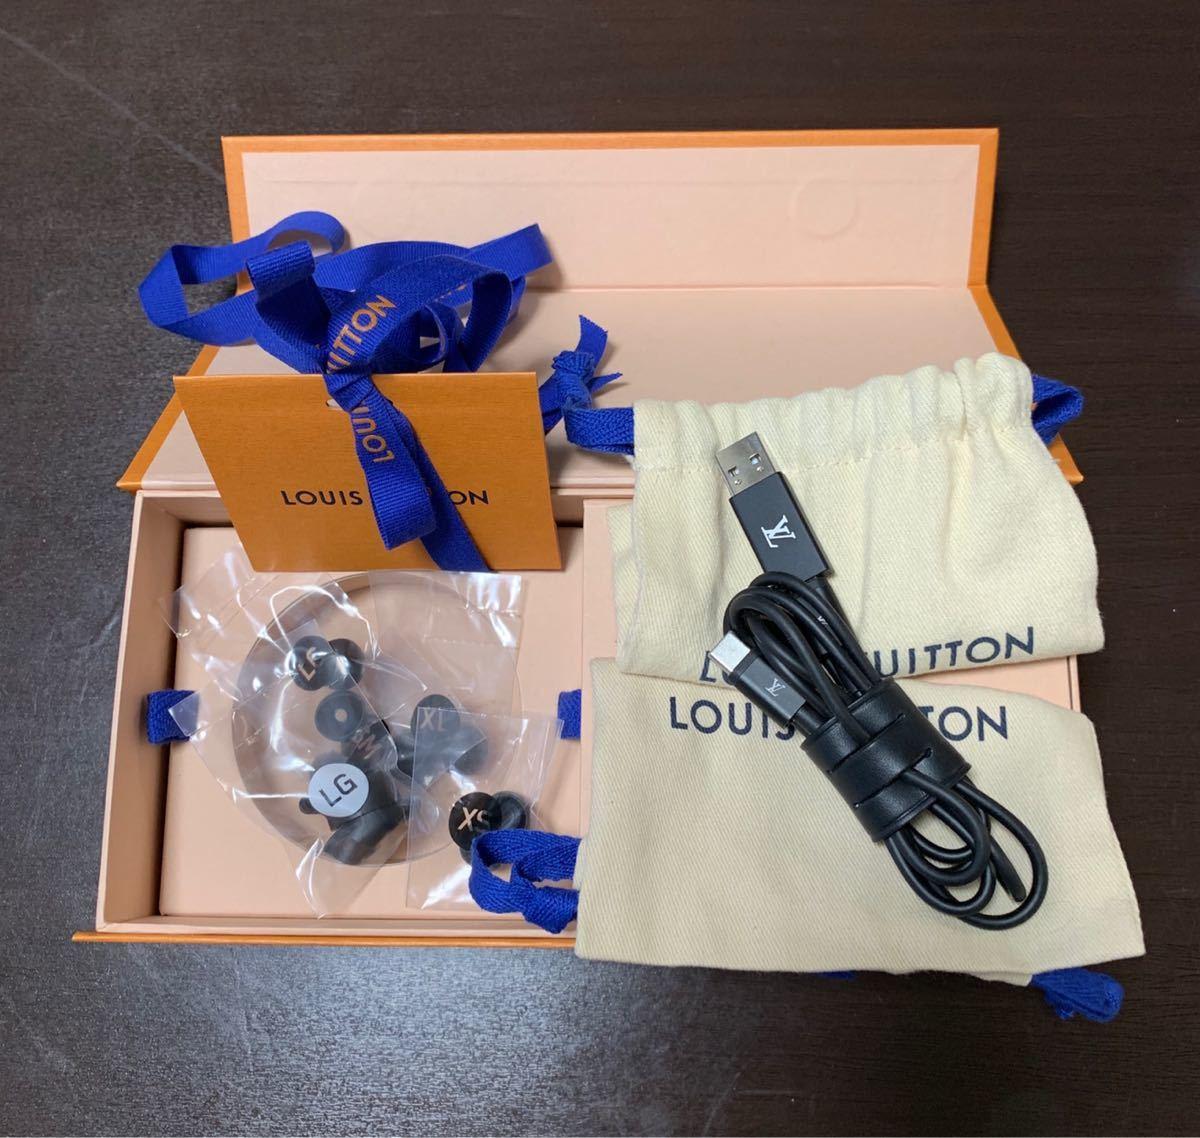 ルイヴィトン モノグラム ホライゾンレッド ワイヤレス イヤホン QAB030 Bluetooth_画像2